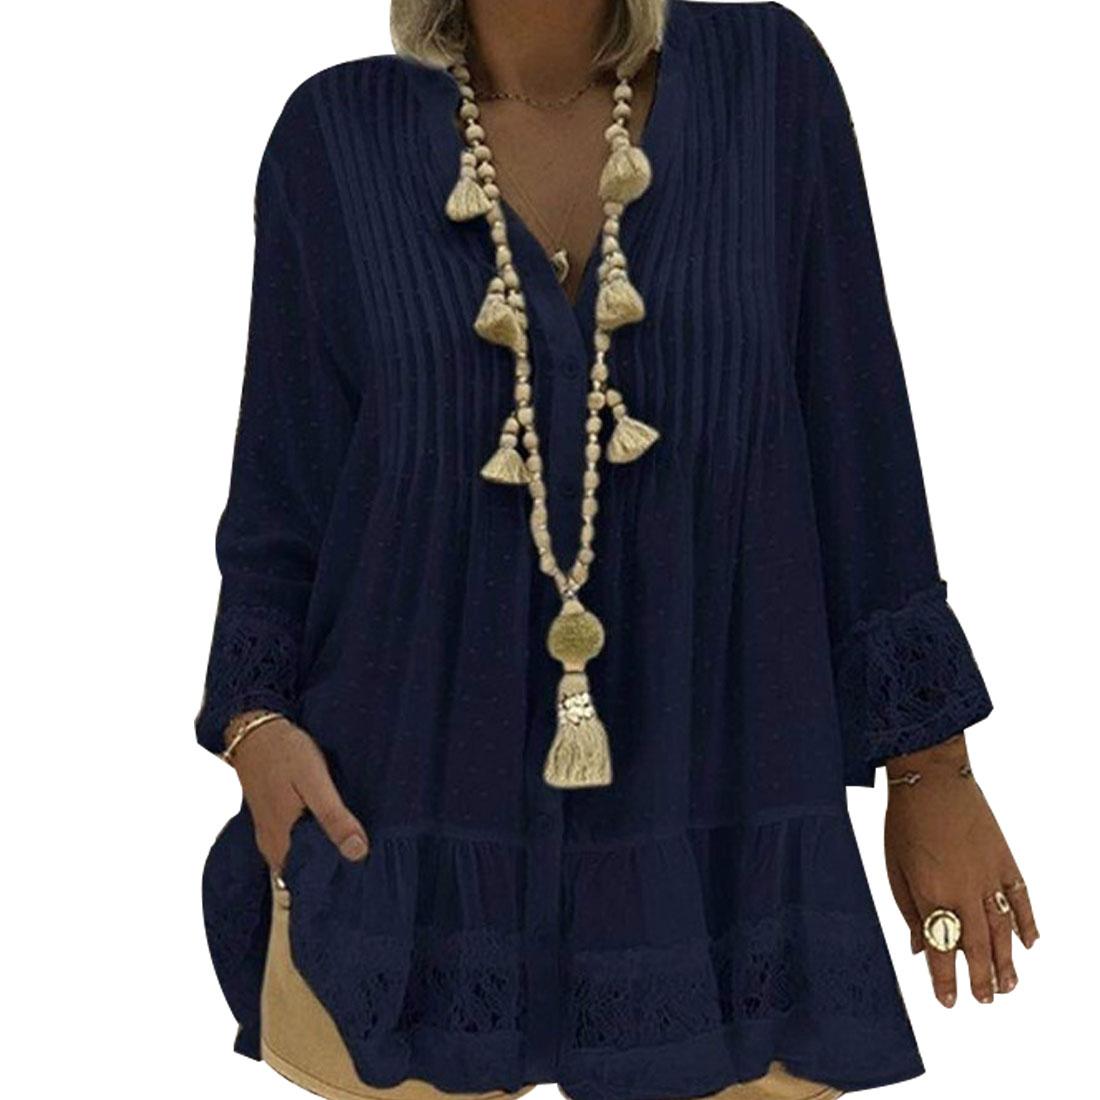 Image 3 - 2020 Large Size 4xl 5xl Summer Clothing Lace Shirts Loose Chiffon Dress Loose blouse shirt Sleeve V Neck Shirt Female BlousesBlouses & Shirts   -